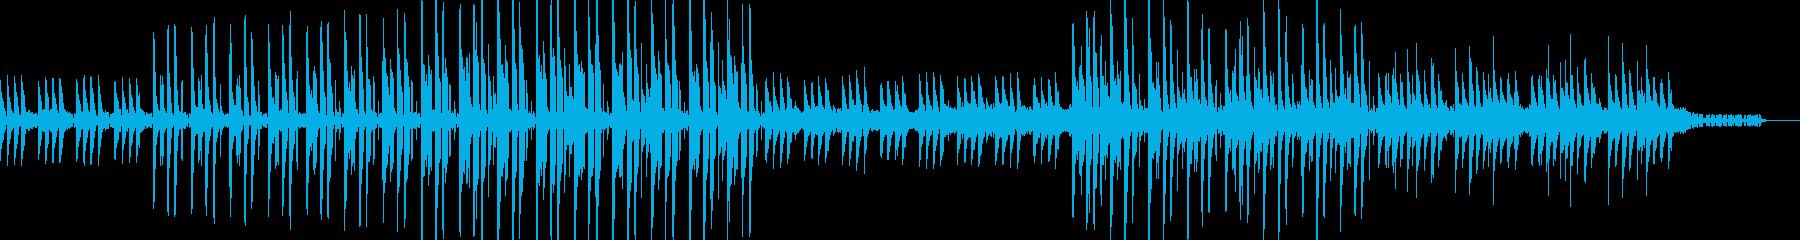 幻想的なアンビエント調テクノの再生済みの波形